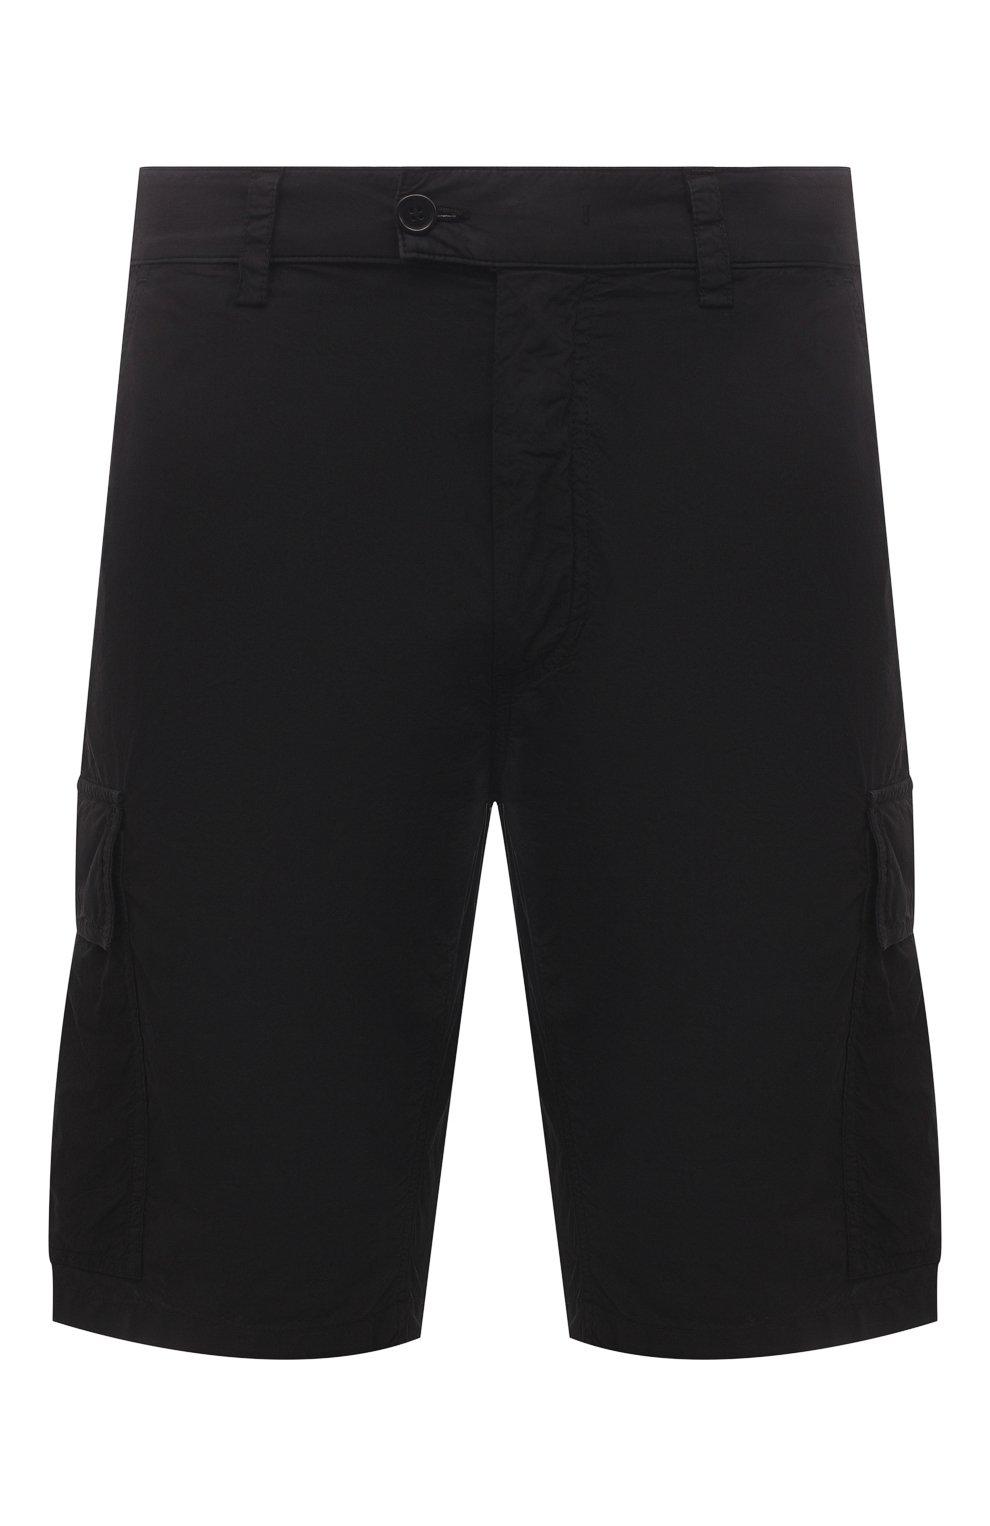 Мужские хлопковые шорты ASPESI черного цвета, арт. S1 A CQ31 G329 | Фото 1 (Мужское Кросс-КТ: Шорты-одежда; Длина Шорты М: До колена; Принт: Без принта; Материал внешний: Хлопок; Стили: Минимализм)